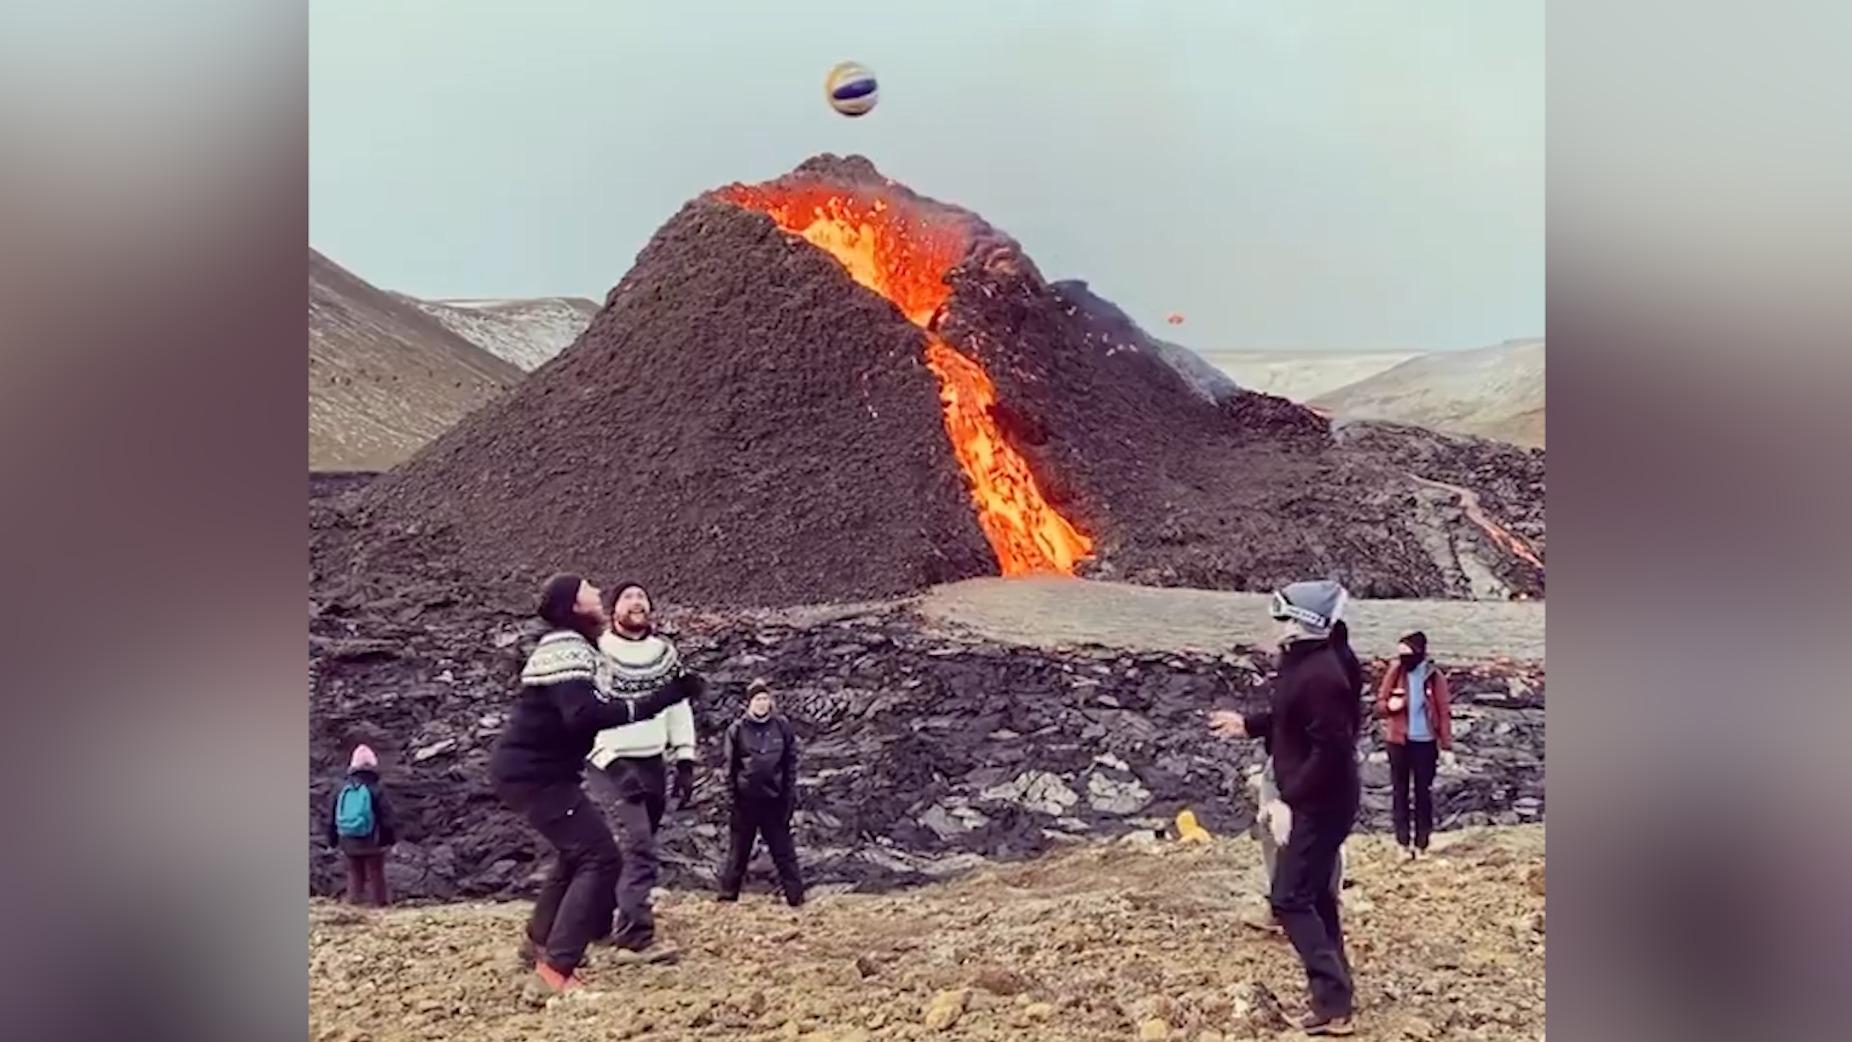 冰岛火山熔岩喷发不断 游客一旁淡定打排球